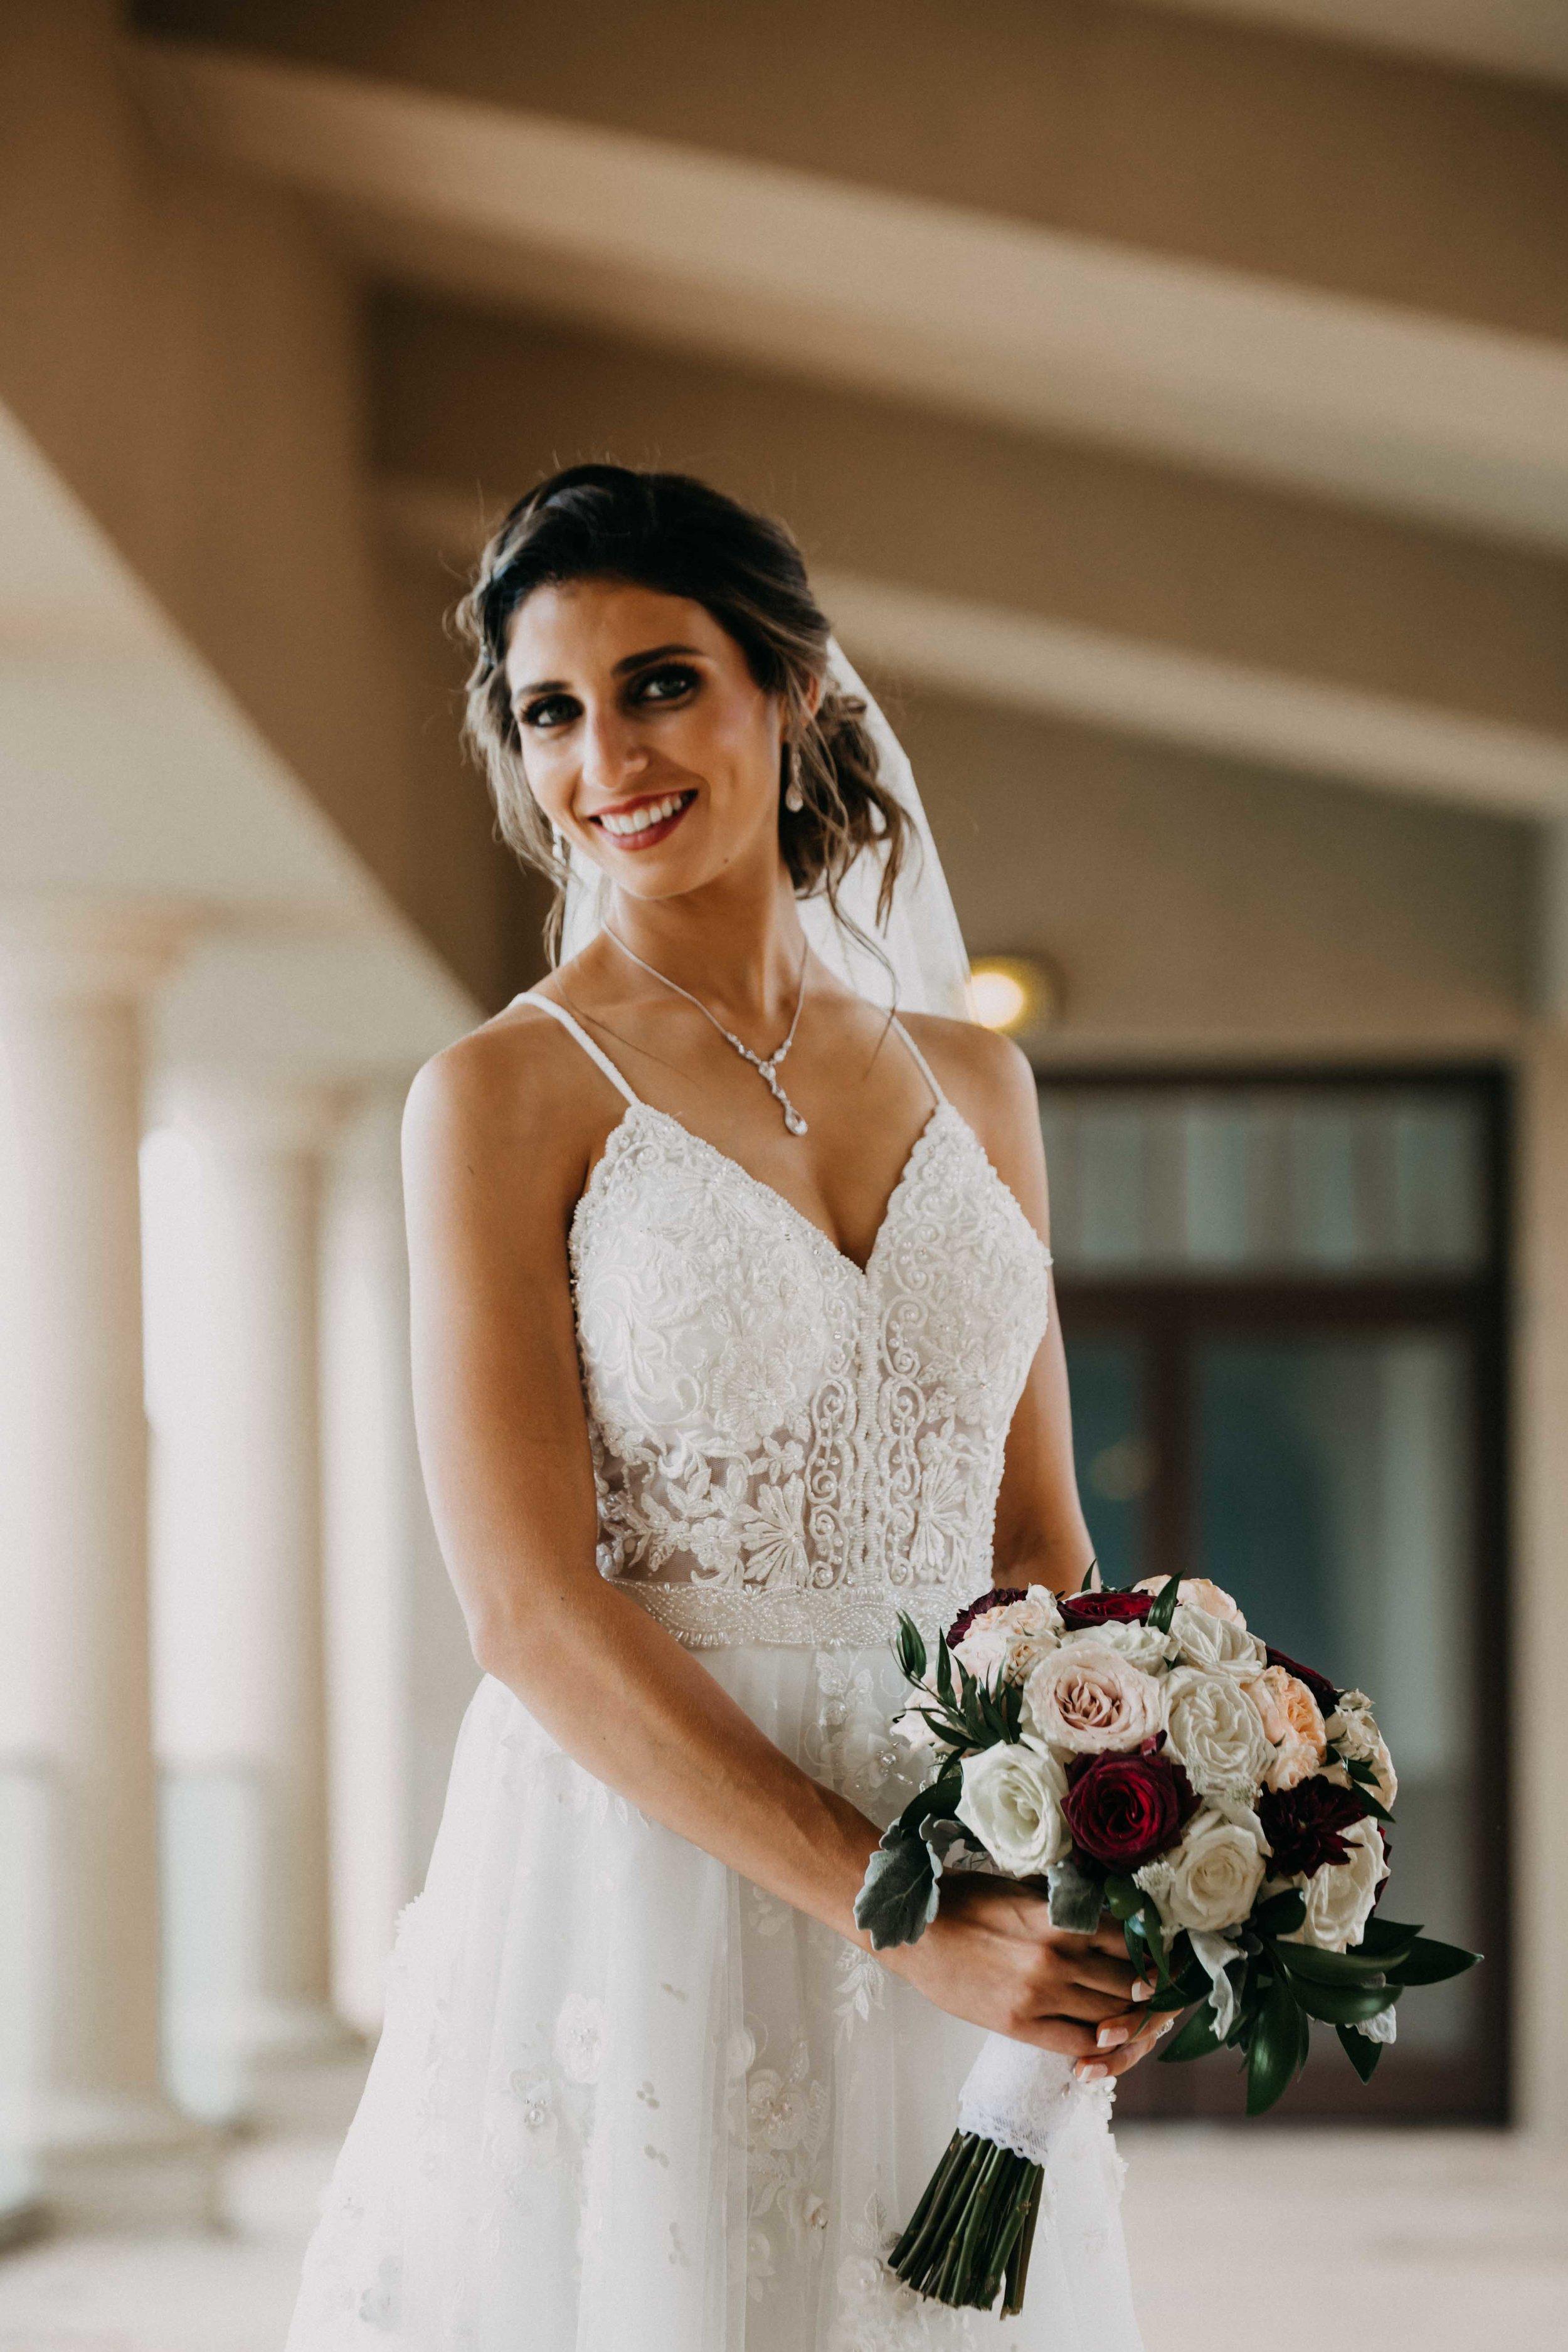 myrtle_beach_south_carolina_wedding_greek_orthodox073.jpg